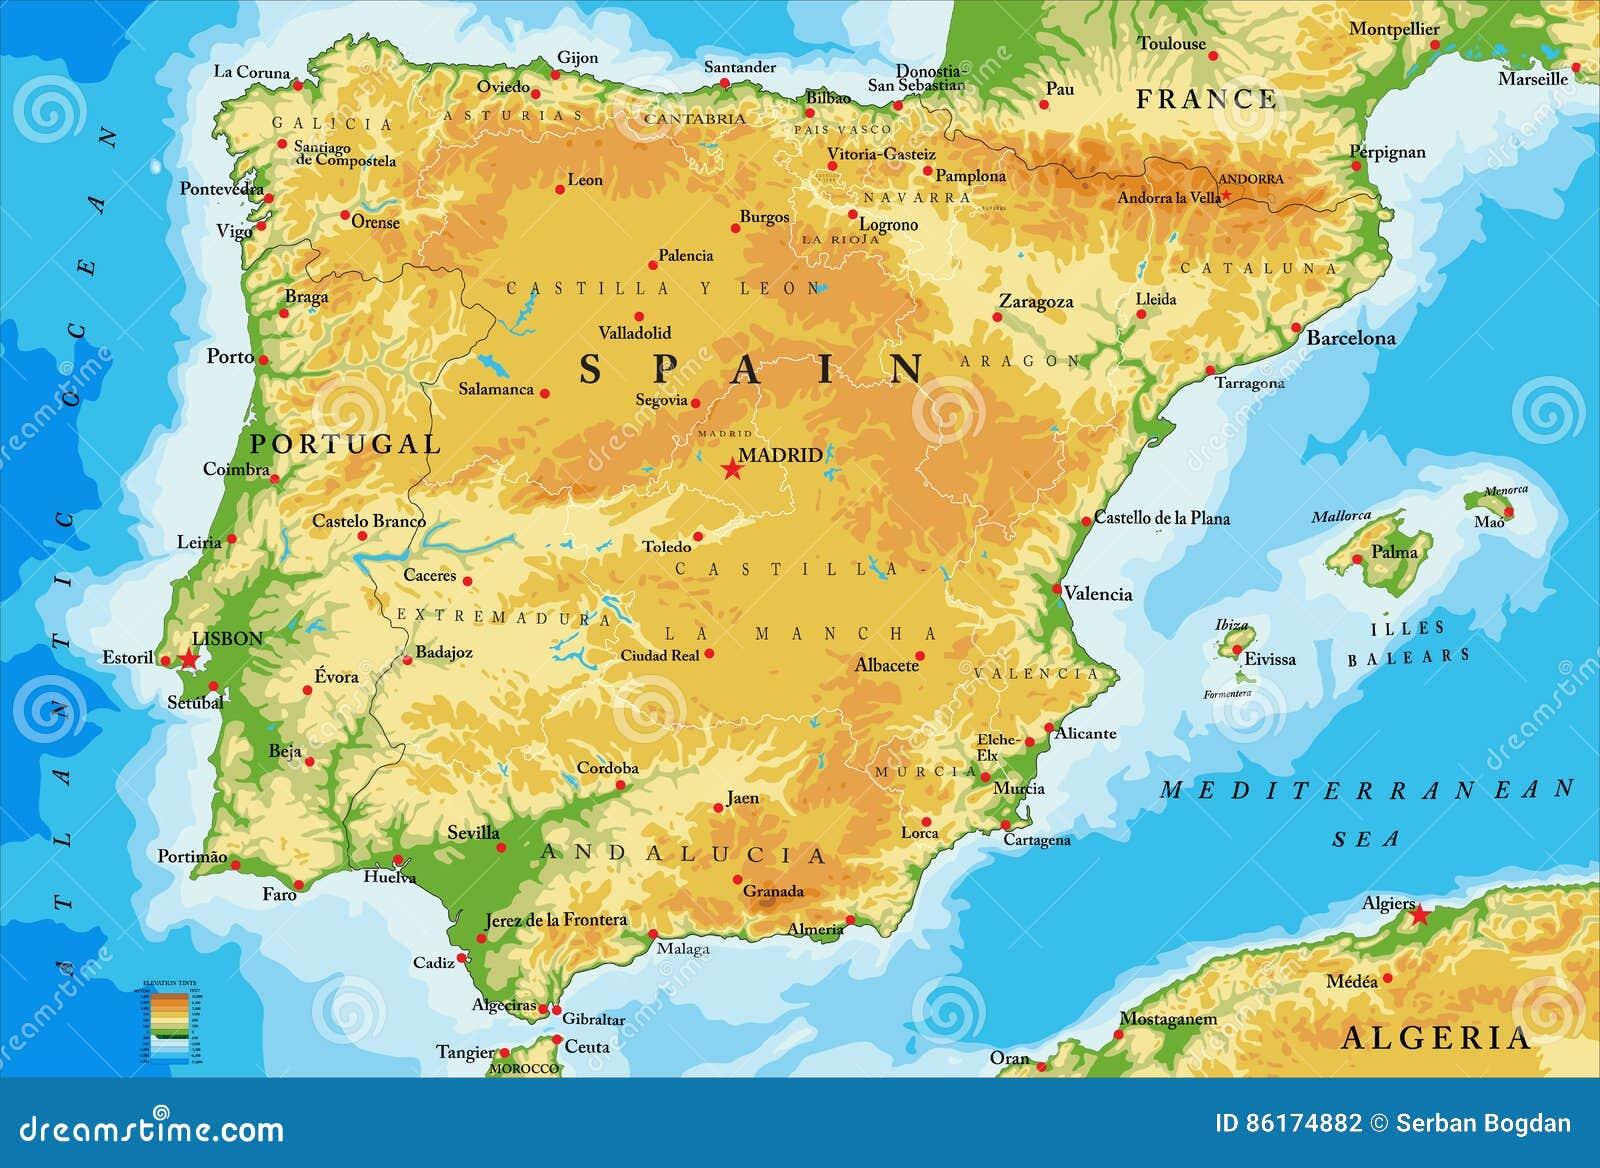 La Spagna Cartina Fisica.Mappa Di Fisico Medica Della Spagna Illustrazione Vettoriale Illustrazione Di Portugal Illustrazione 86174882